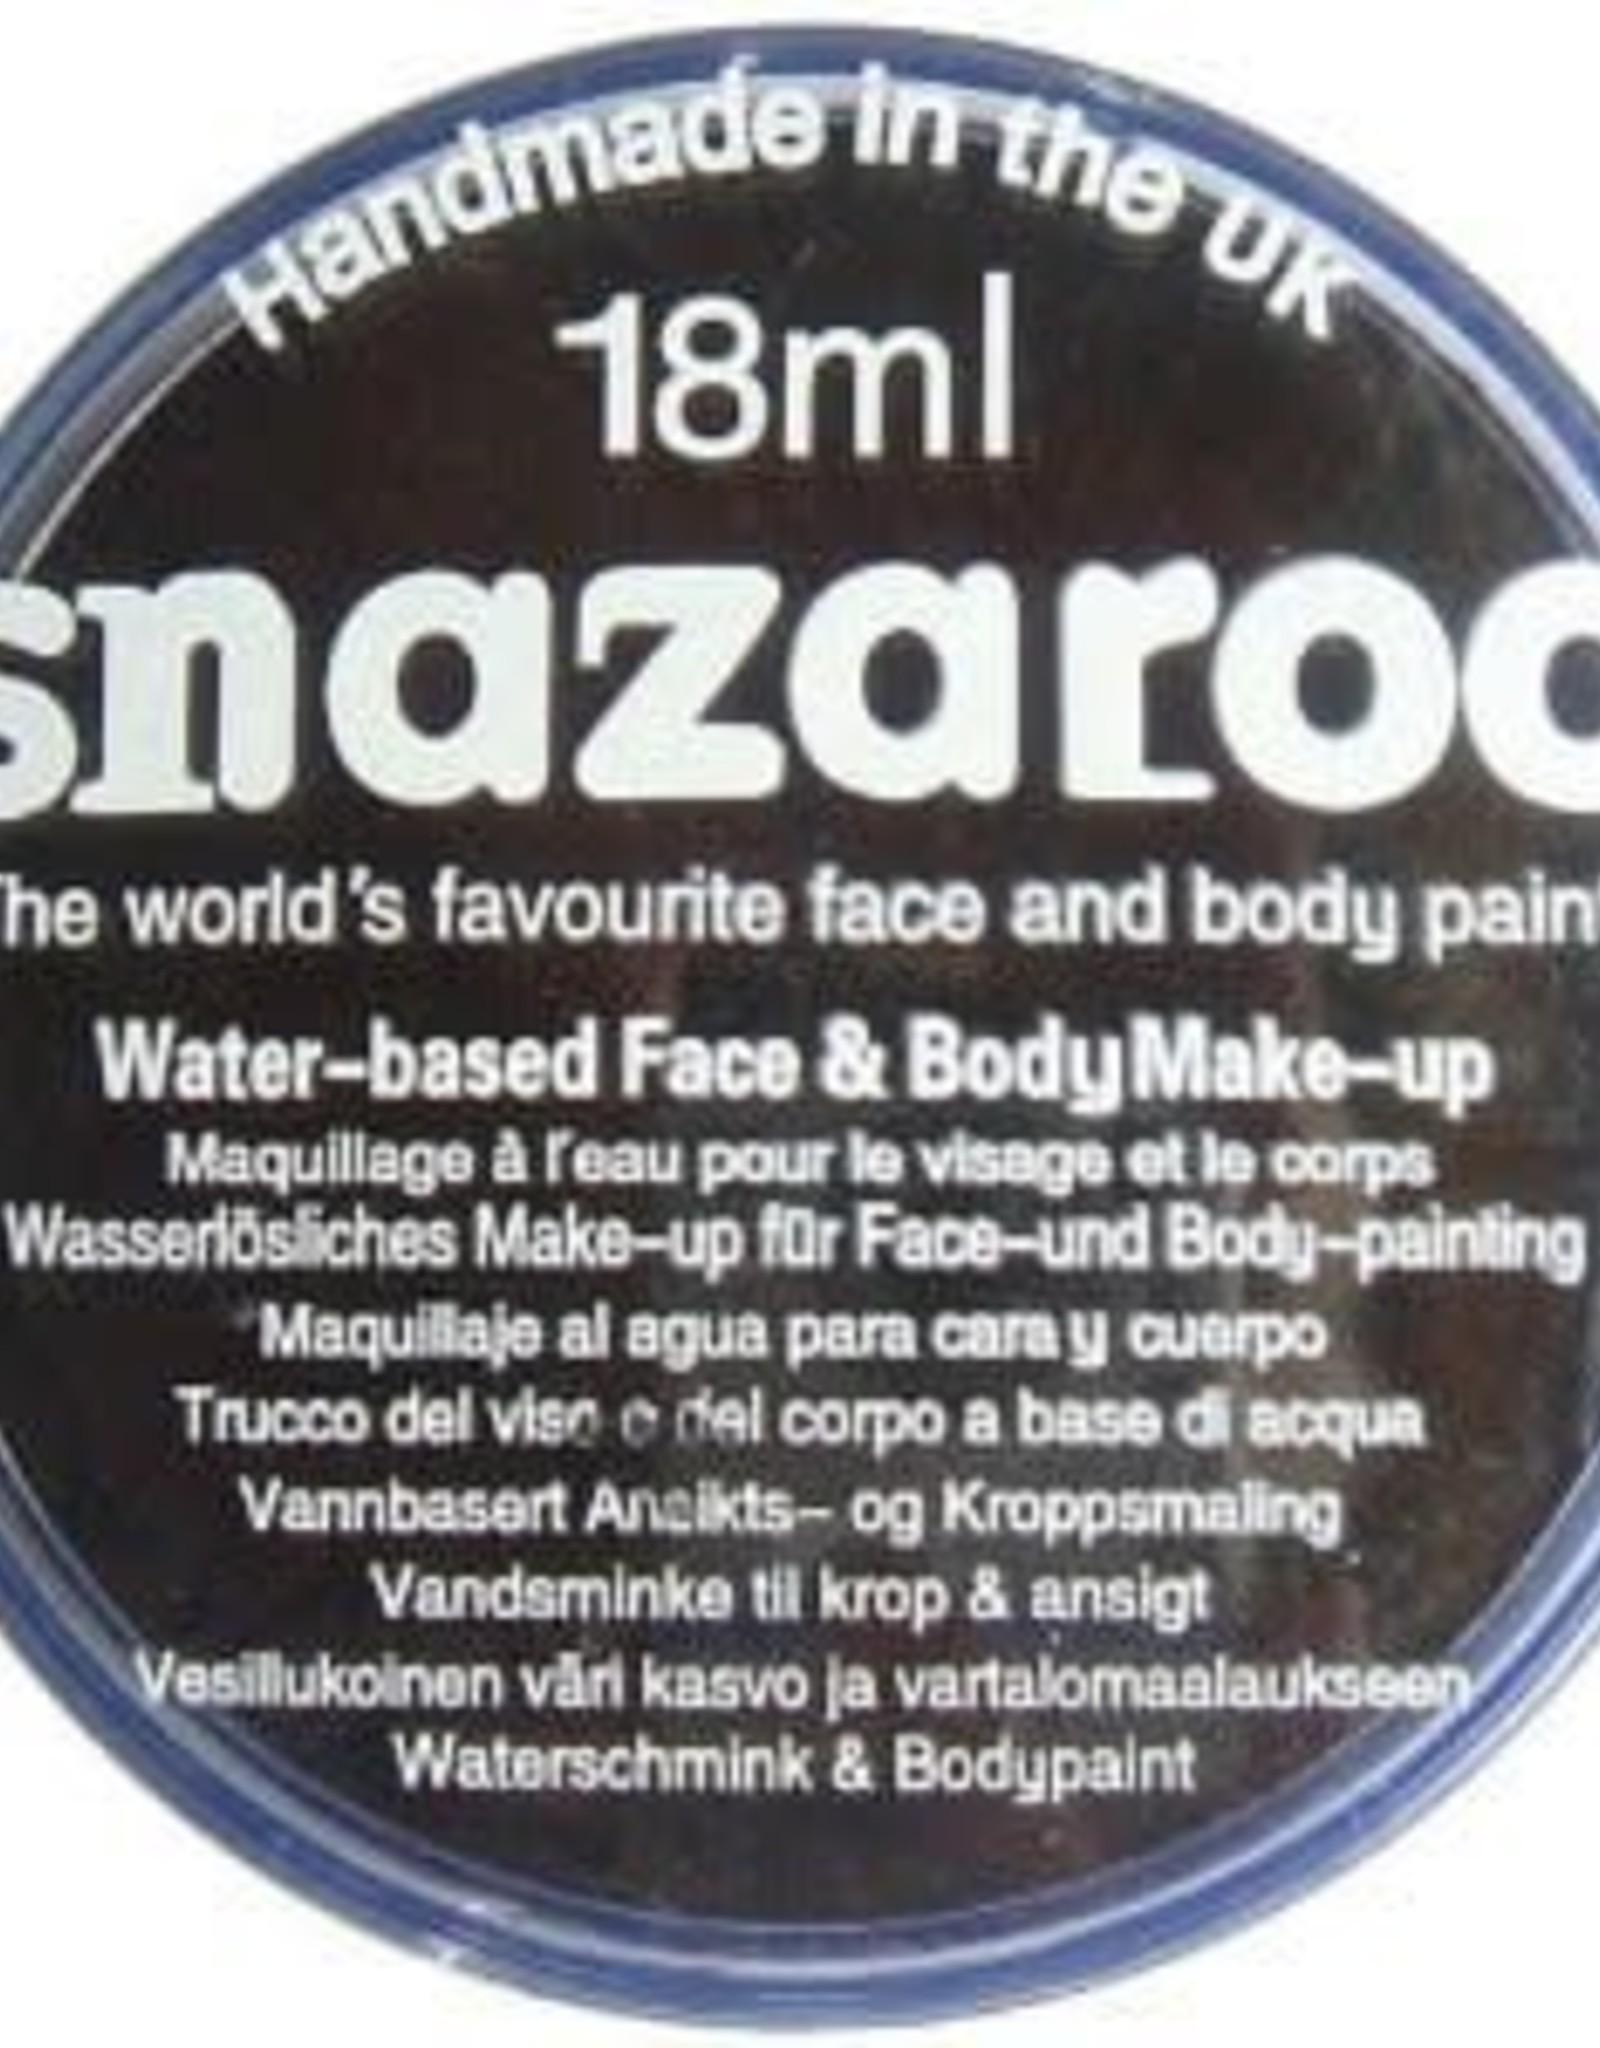 Snazaroo Waterschmink Snazaroo normal